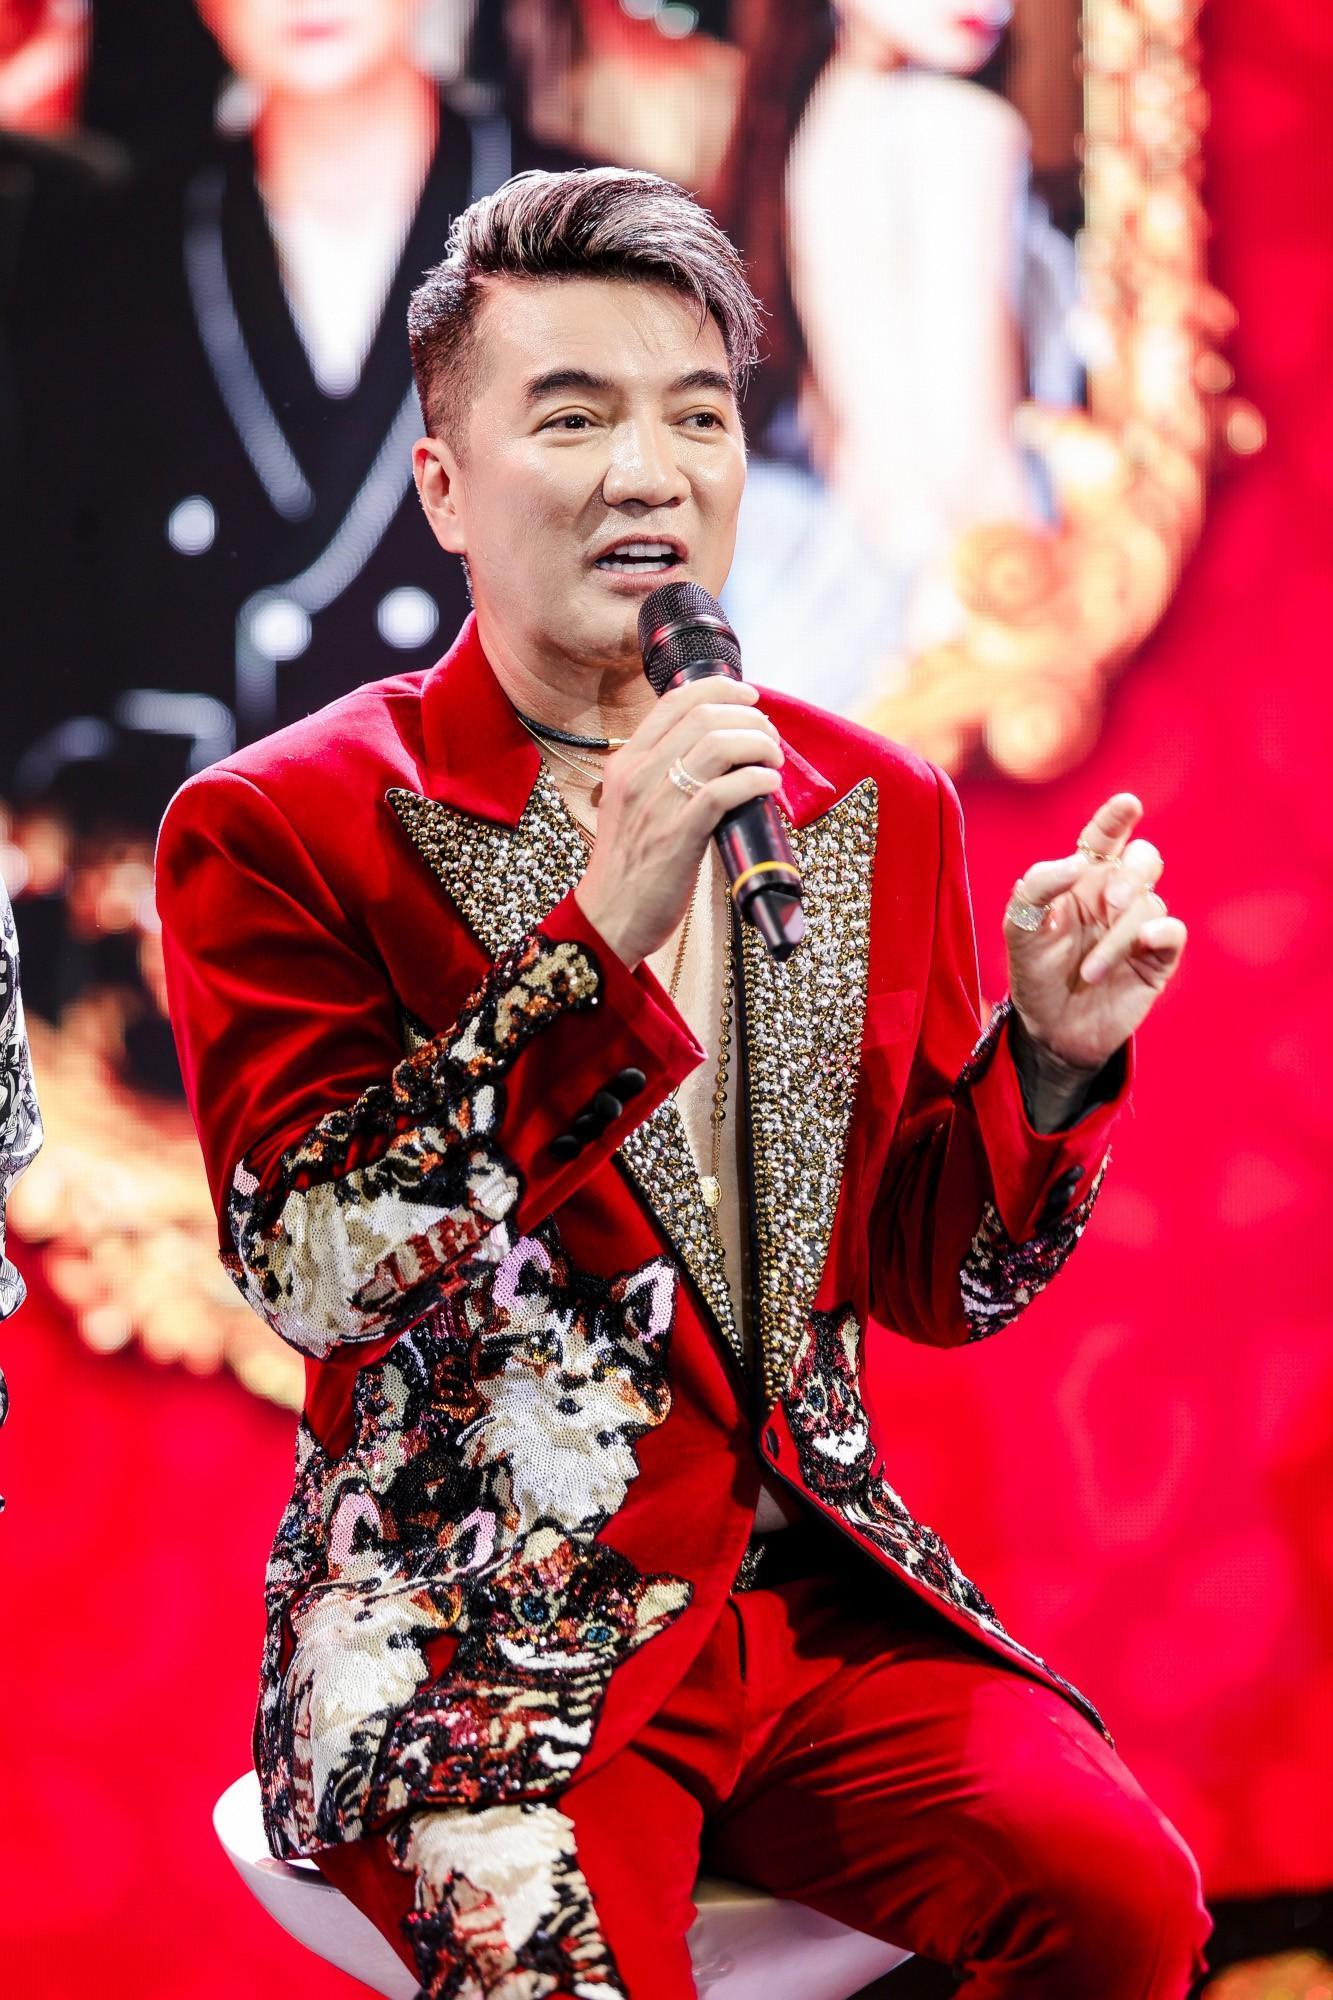 Đàm Vĩnh Hưng bất ngờ tiết lộ nụ hôn nồng cháy với Hoa hậu Hương Giang - Ảnh 5.